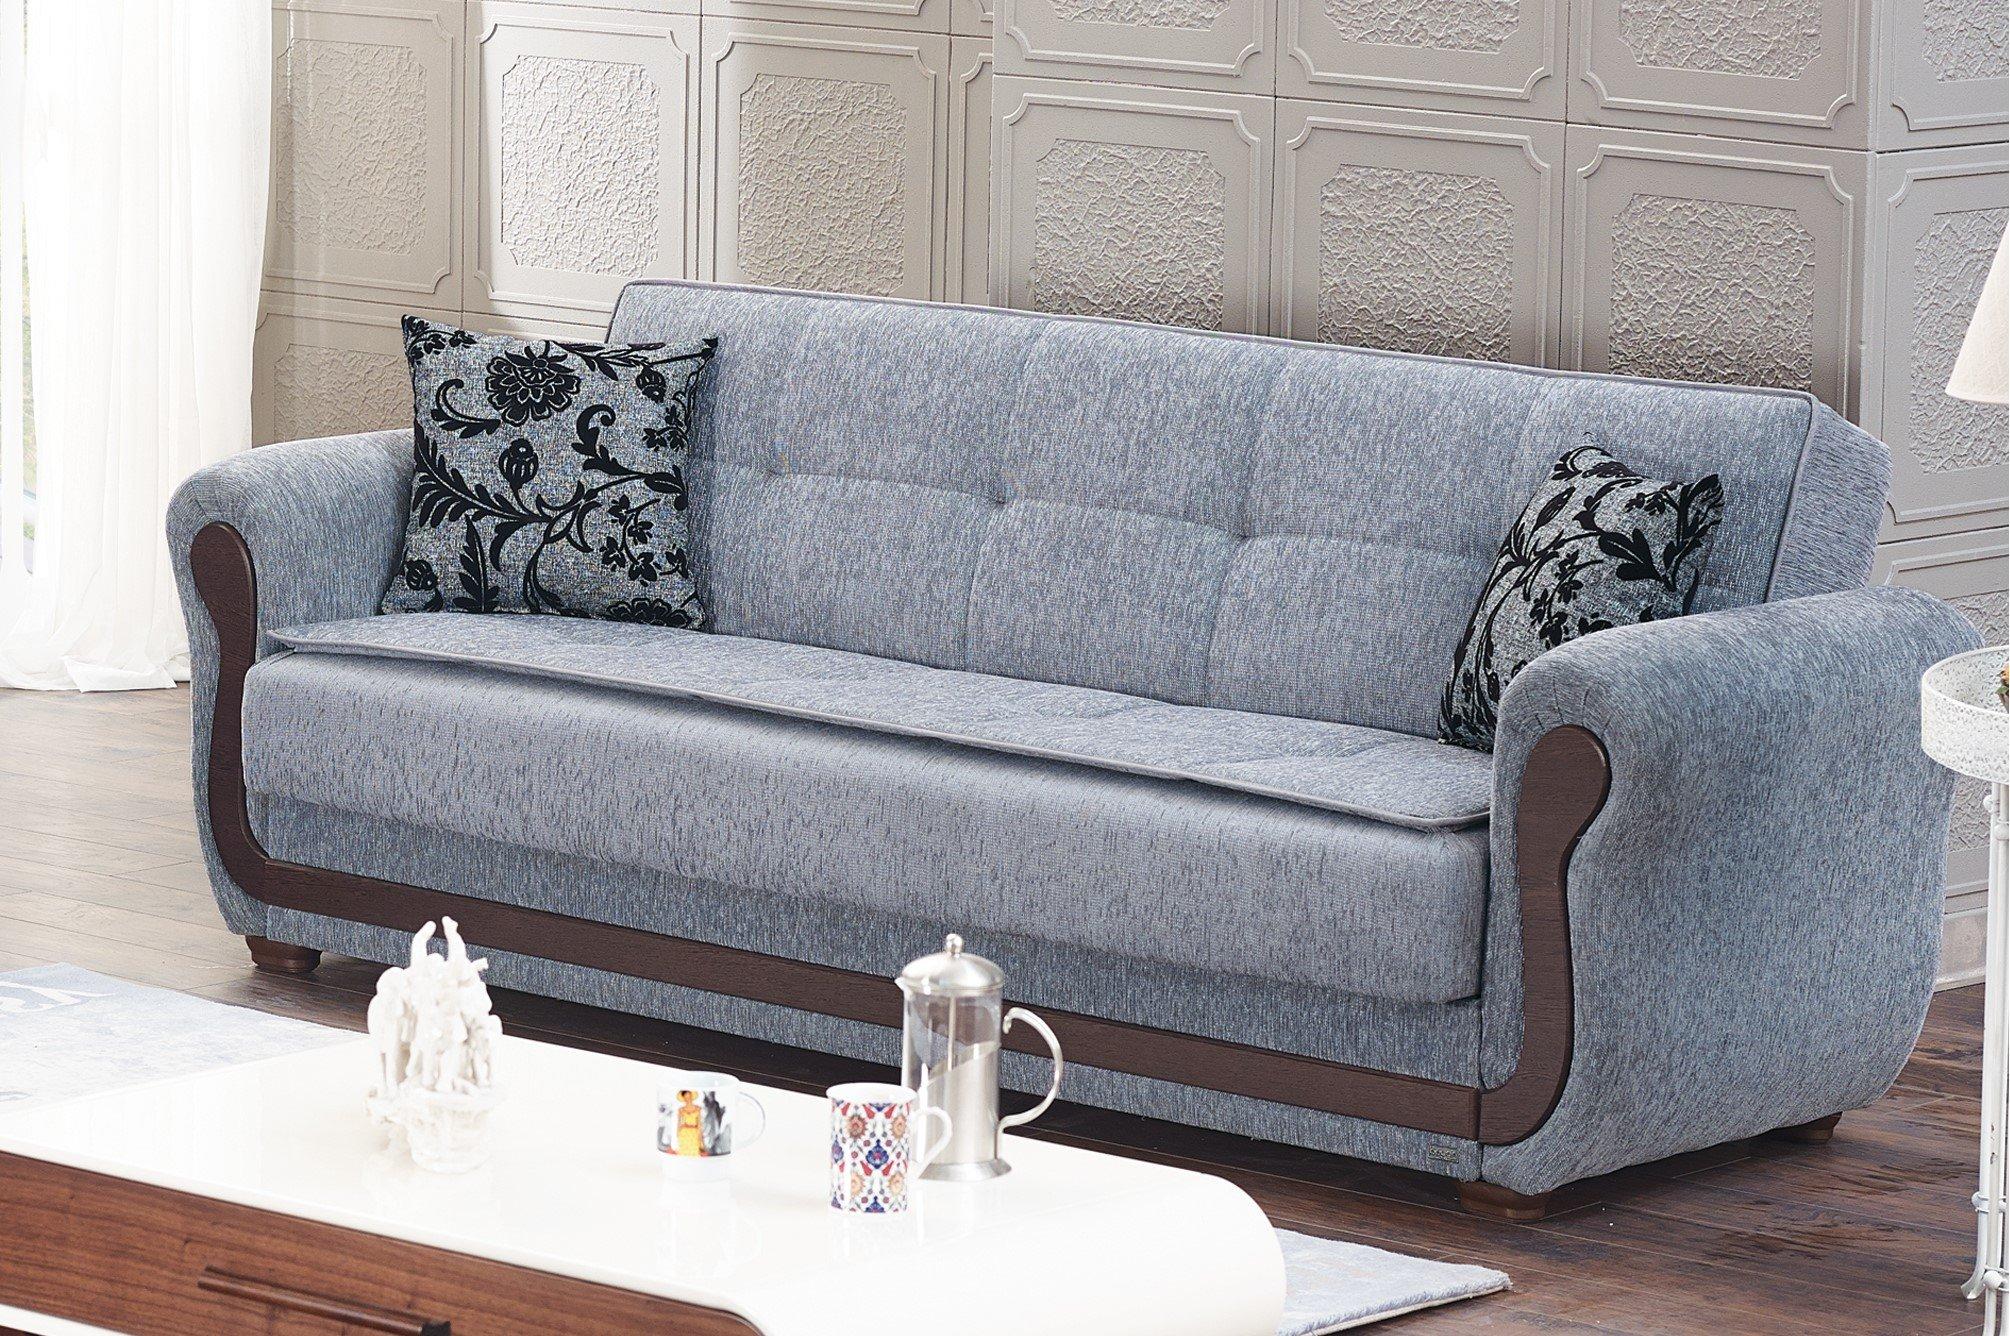 Cheap Sleeper Sofa Storage Find Sleeper Sofa Storage Deals On Line